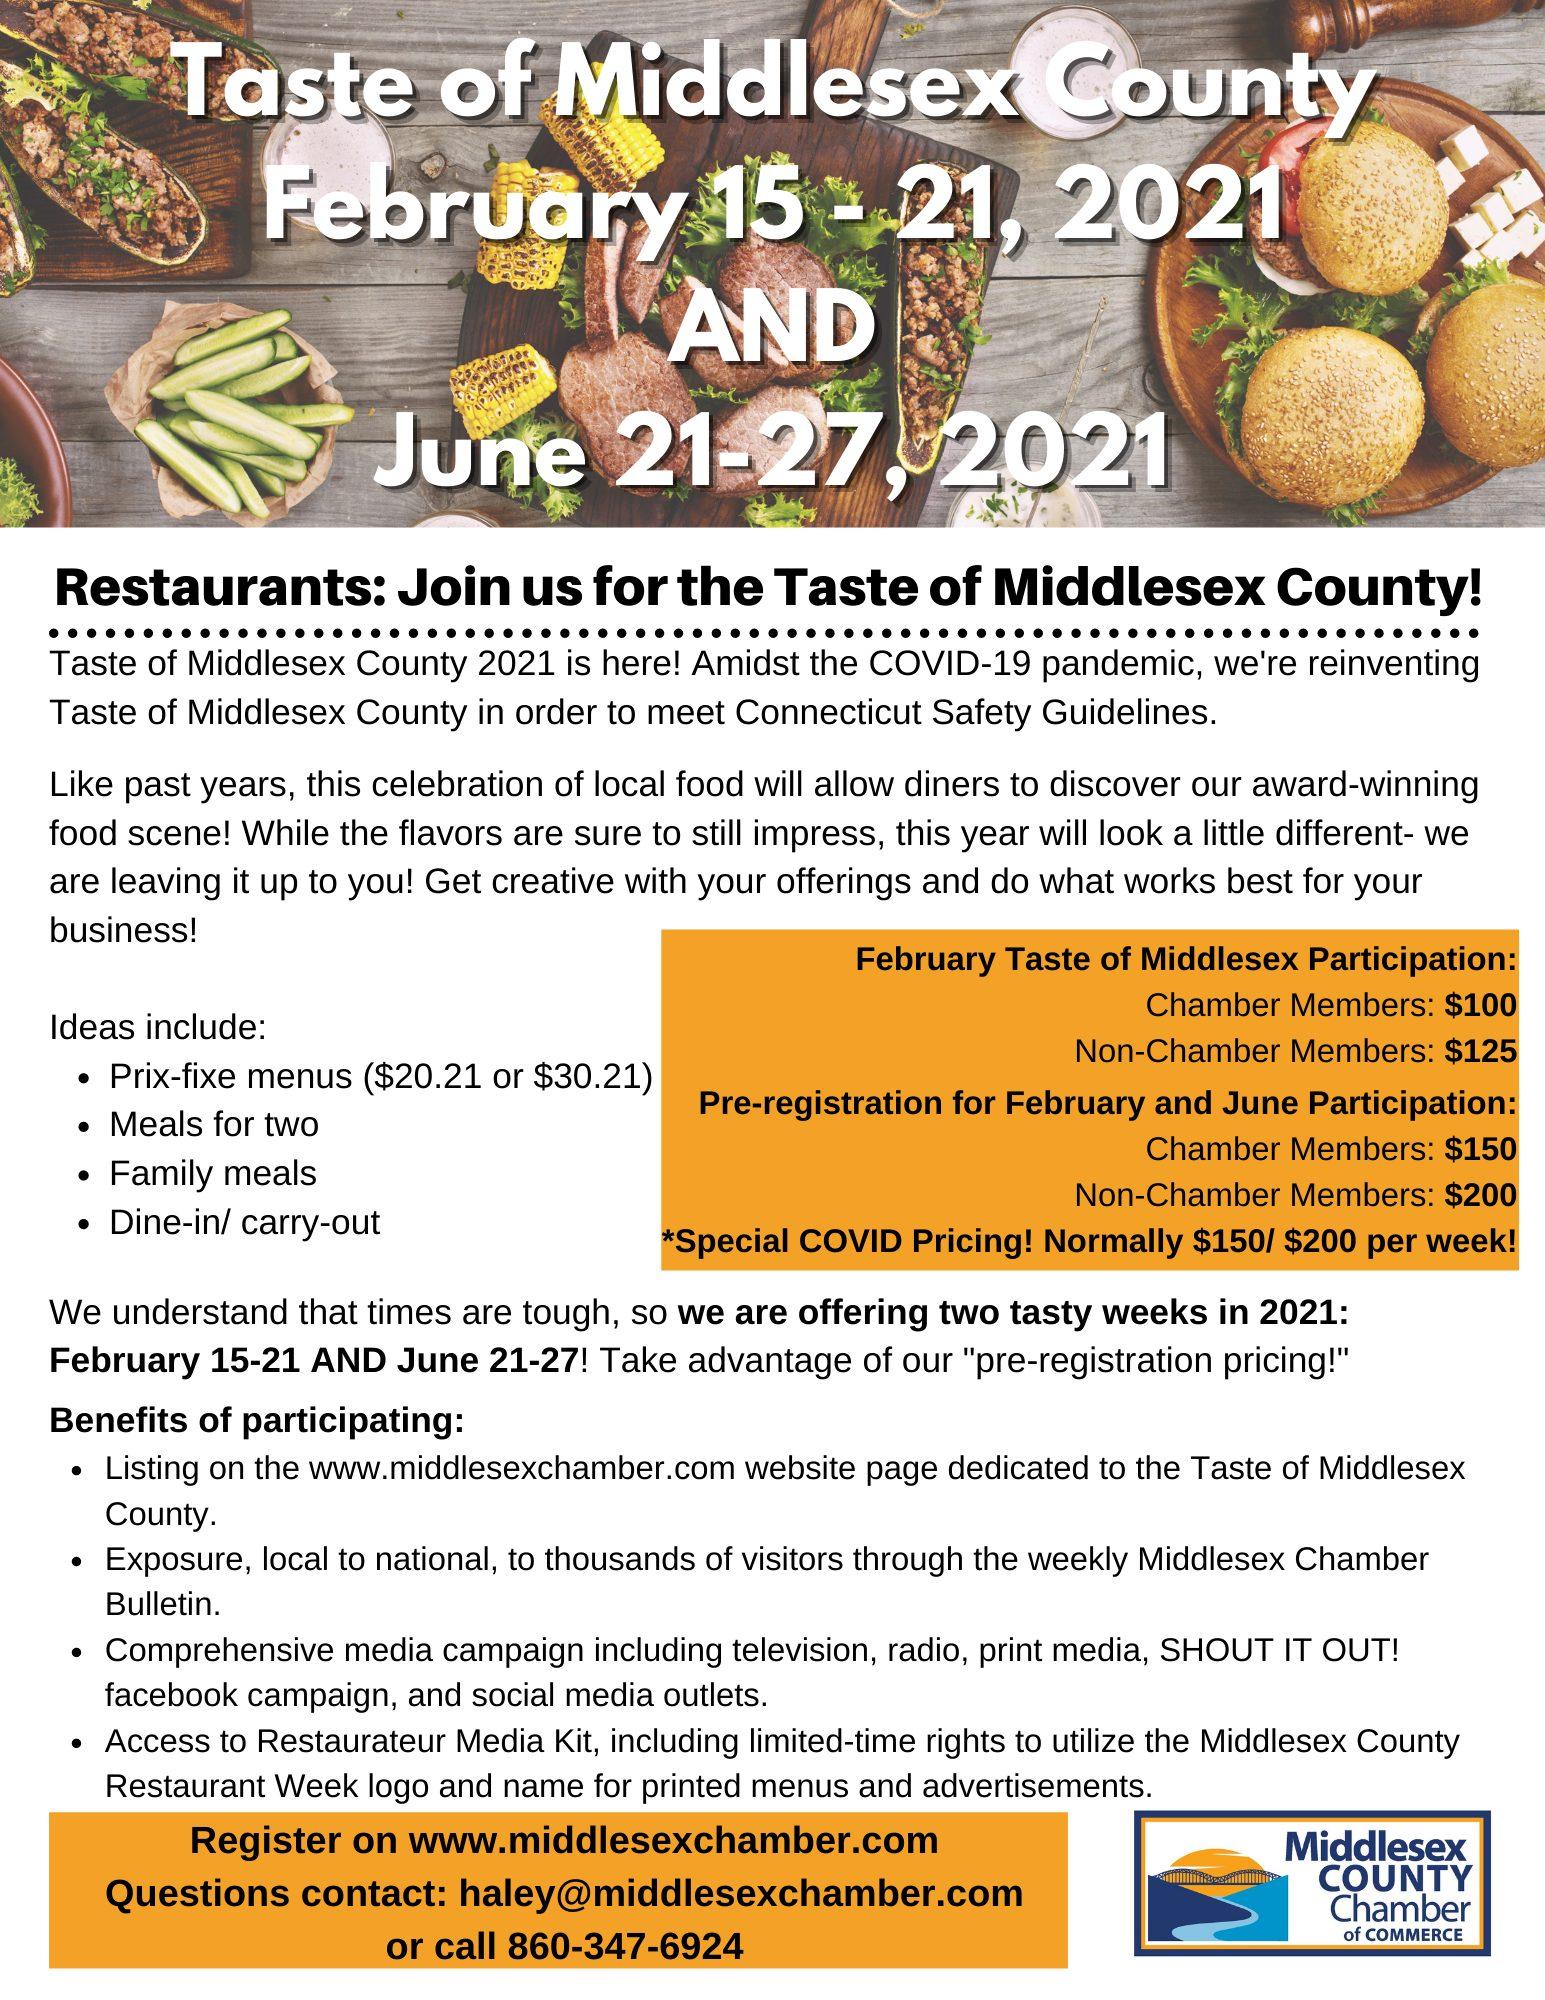 2021 Taste Flyer- For Businesses